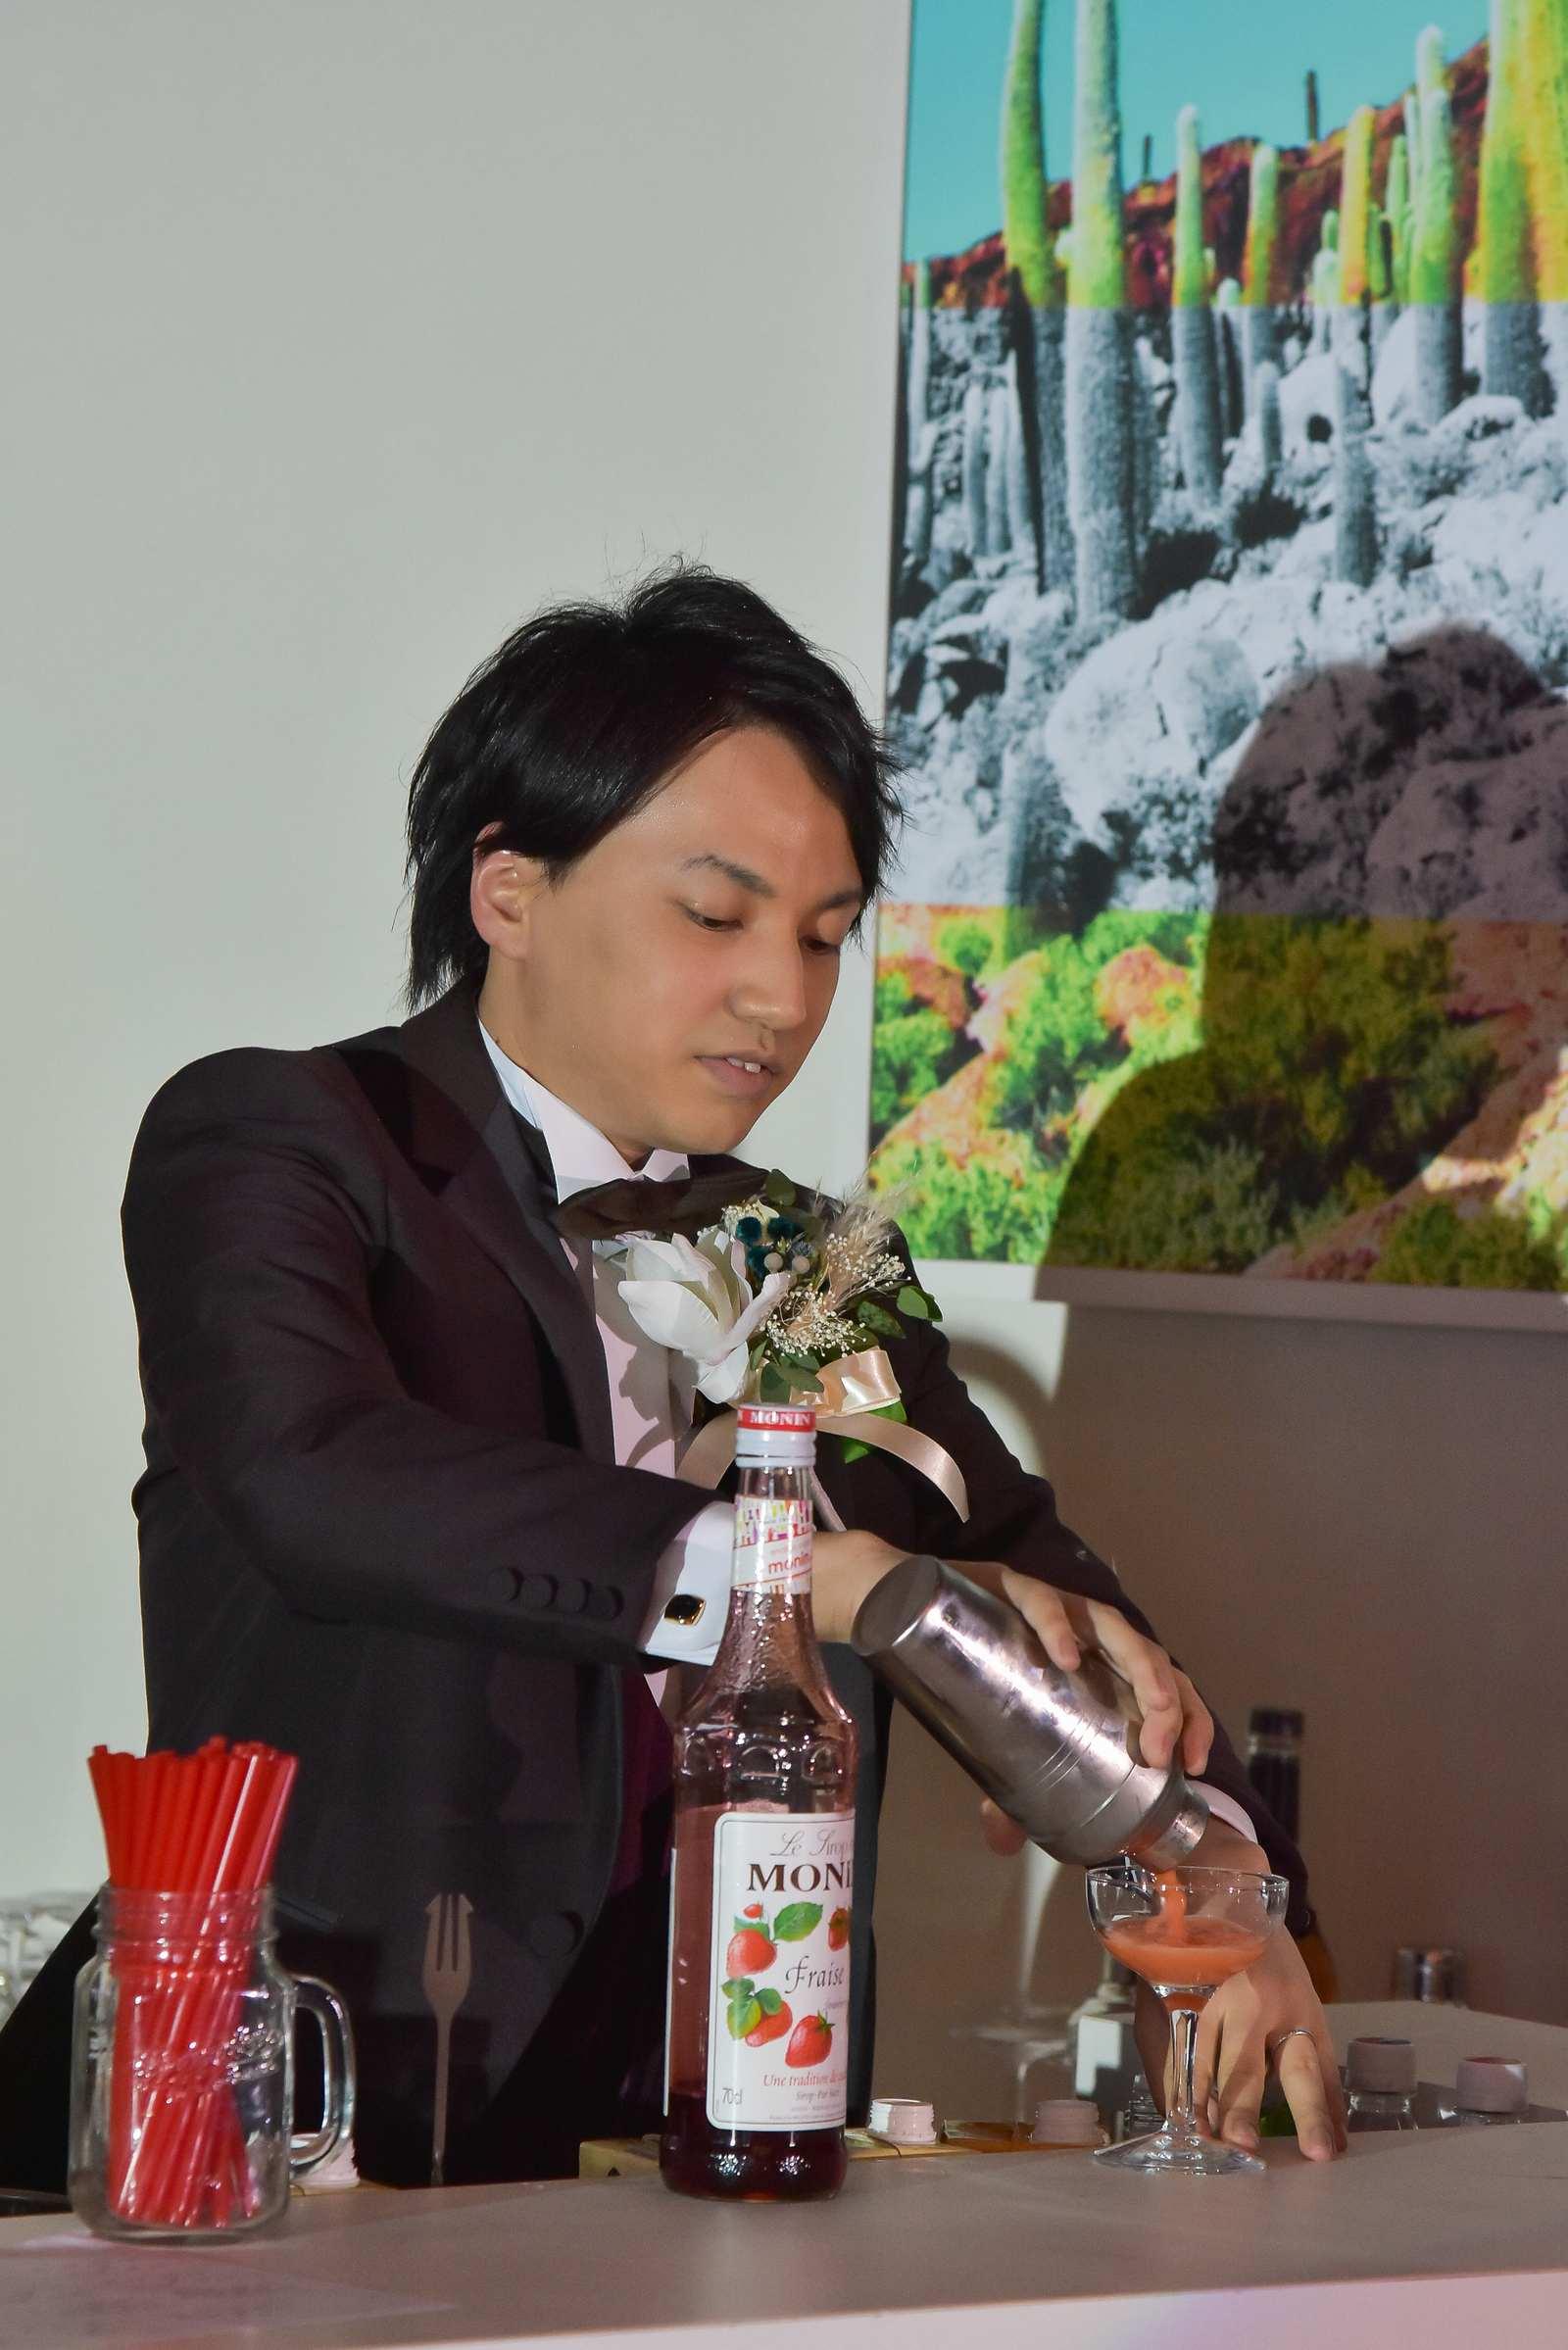 香川県の結婚式場シェルエメール&アイスタイル バーカウンター演出